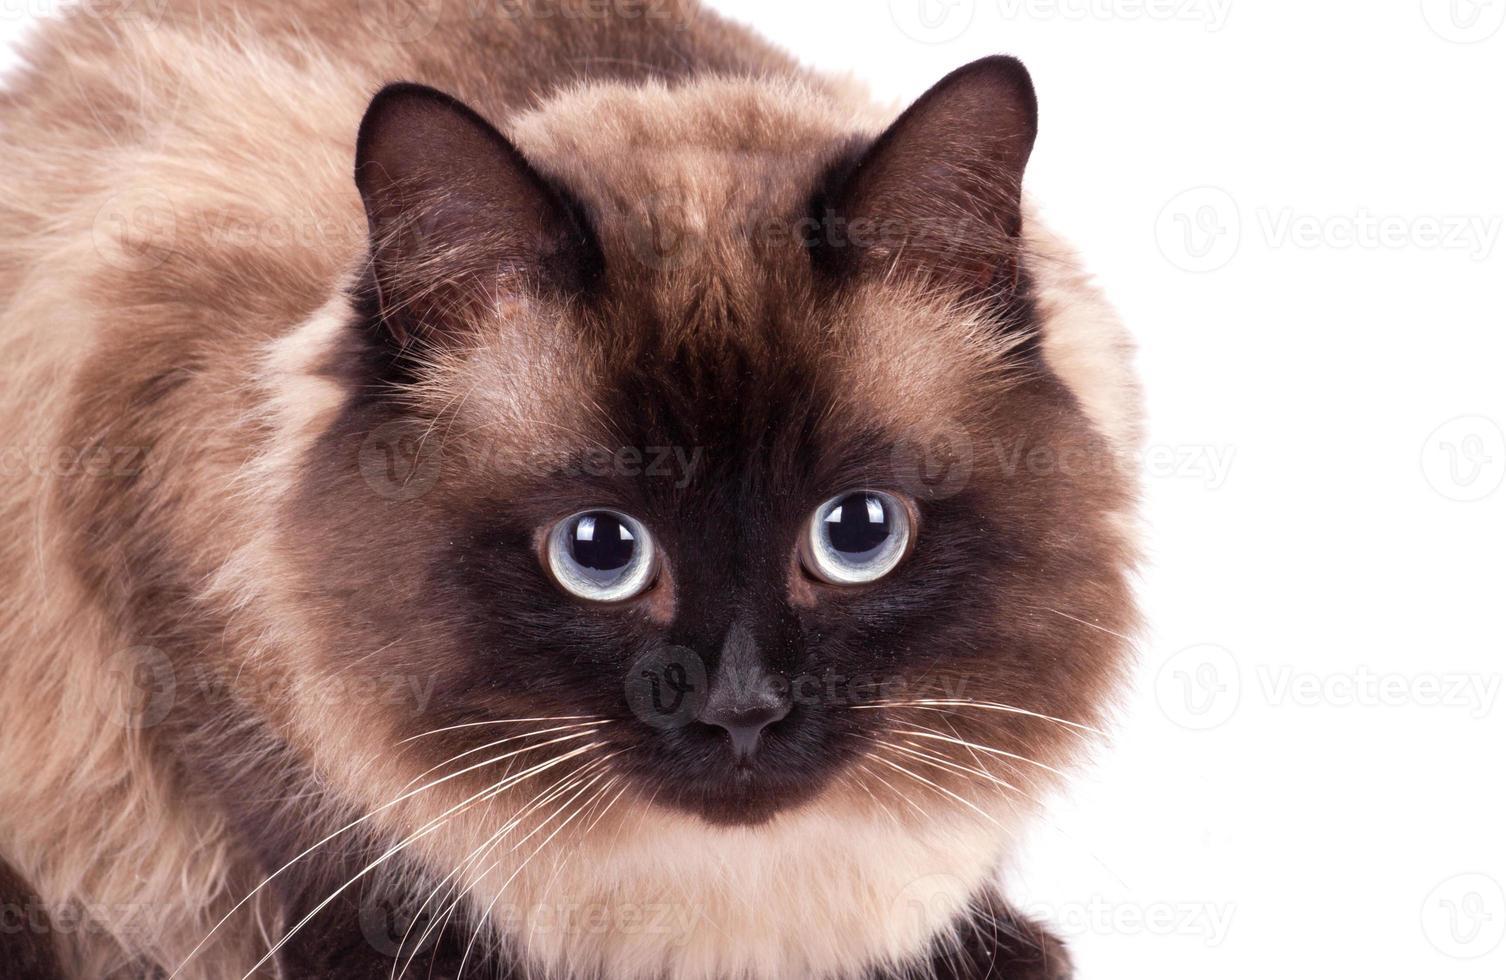 ritratto di un gatto siamese foto